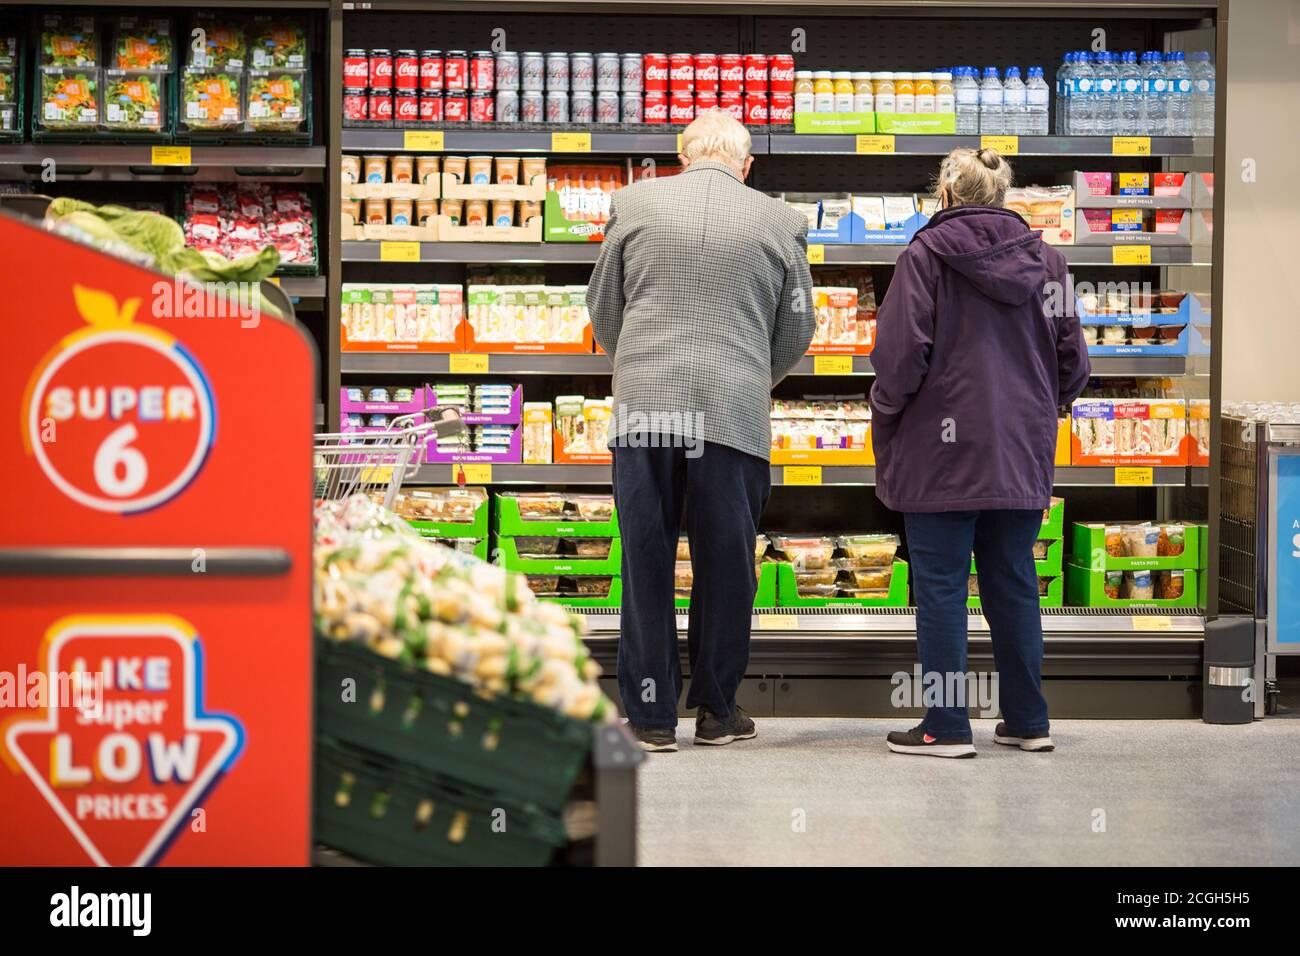 Interior del supermercado Aldi. Una pareja haciendo sus compras Foto de stock